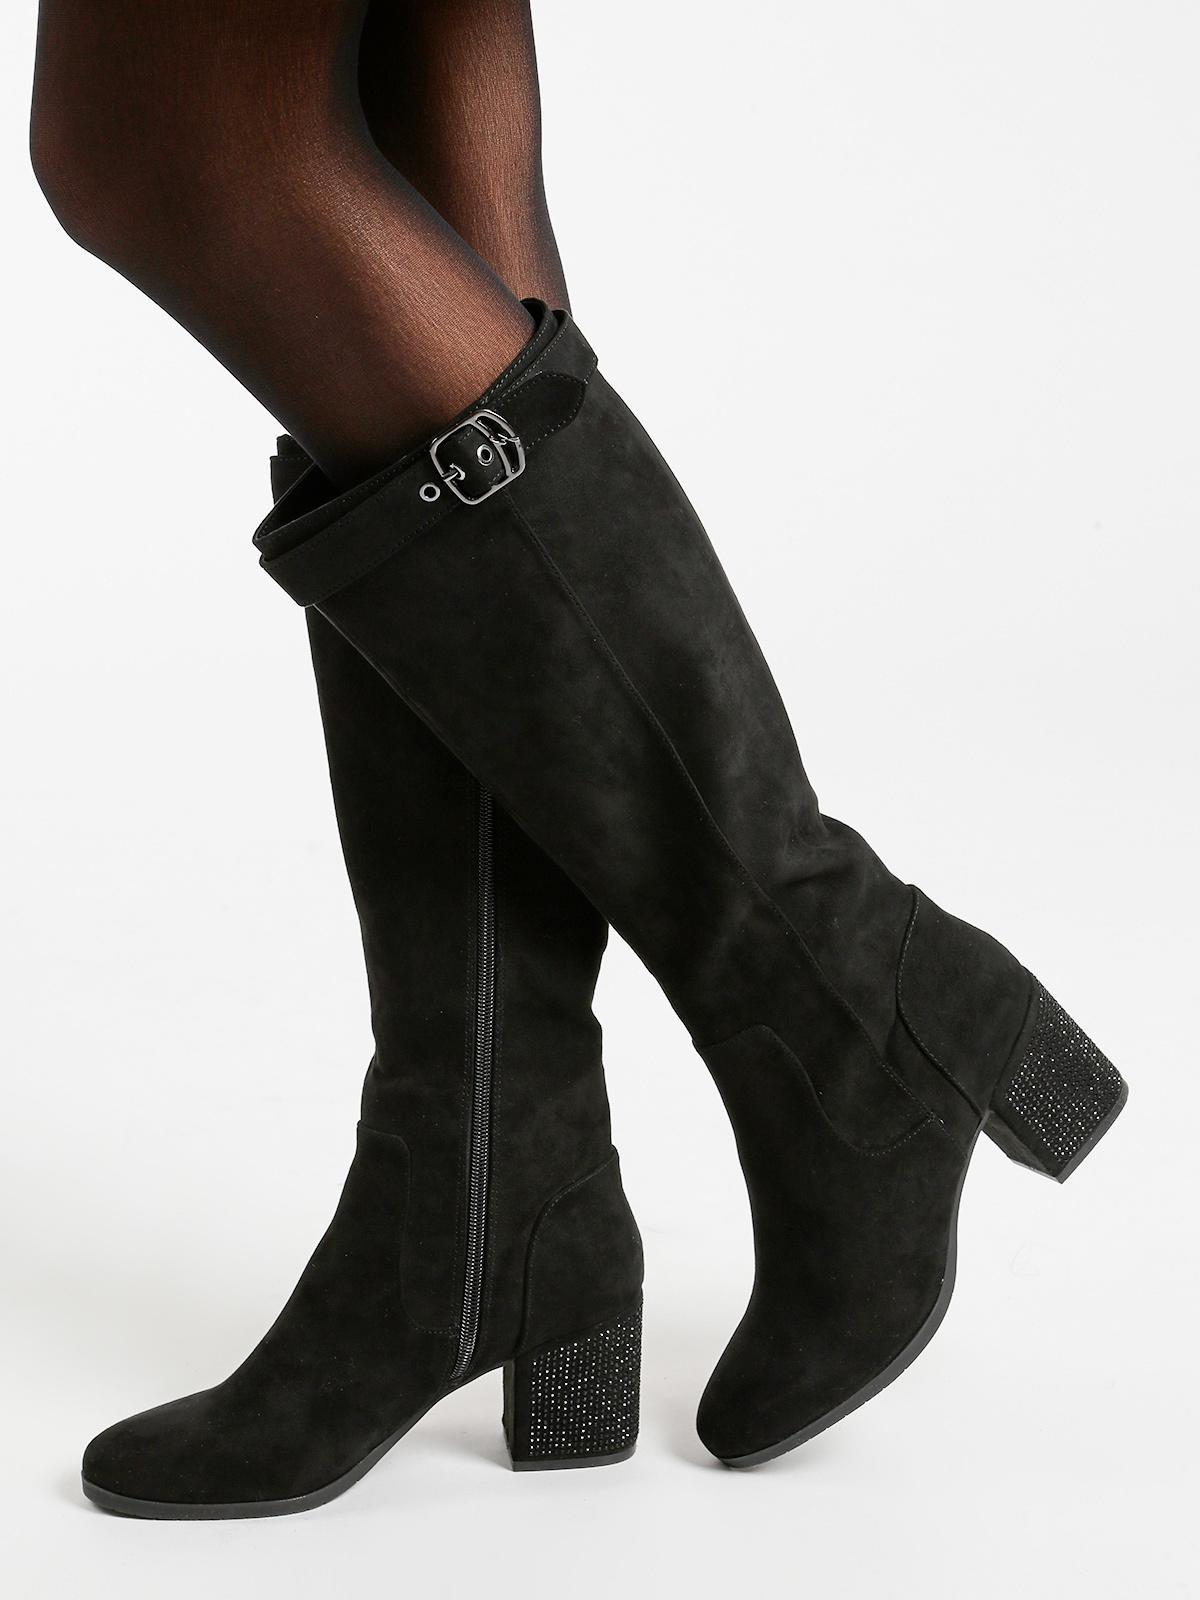 ricco e magnifico vendita calda genuina di modo attraente Stivali neri con tacco e strass gattinoni | MecShopping